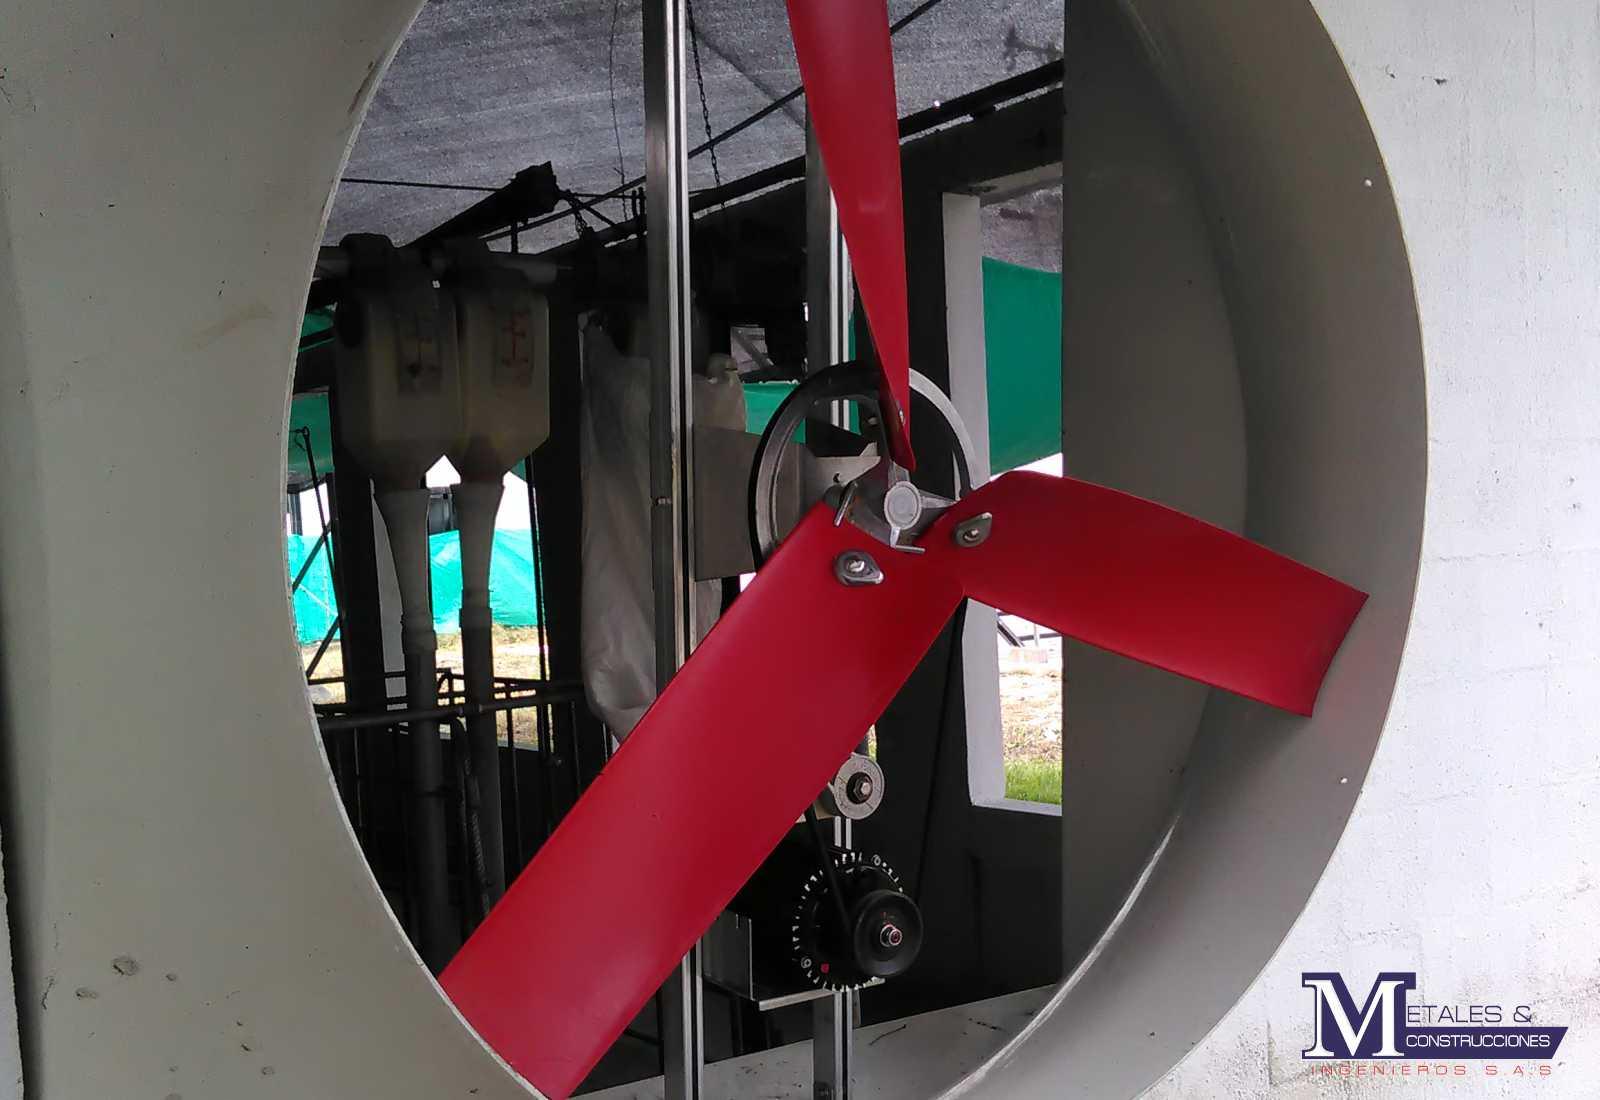 Ambiente Controlado Metales y Construcciones 2011